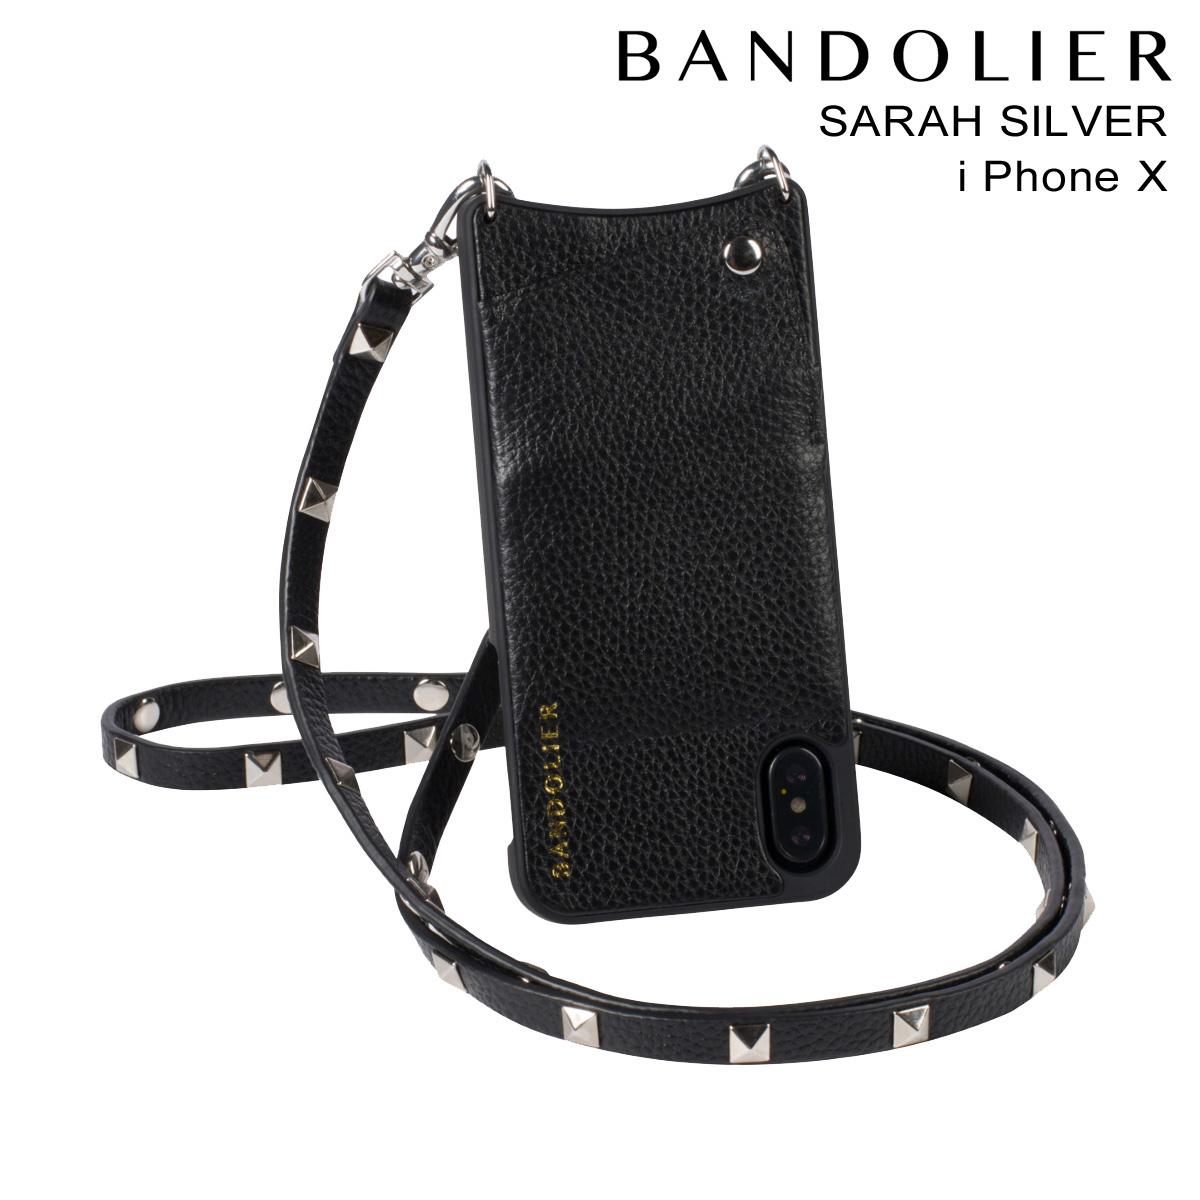 BANDOLIER SARAH SILVER バンドリヤー iPhoneX ケース スマホ アイフォン レザー メンズ レディース